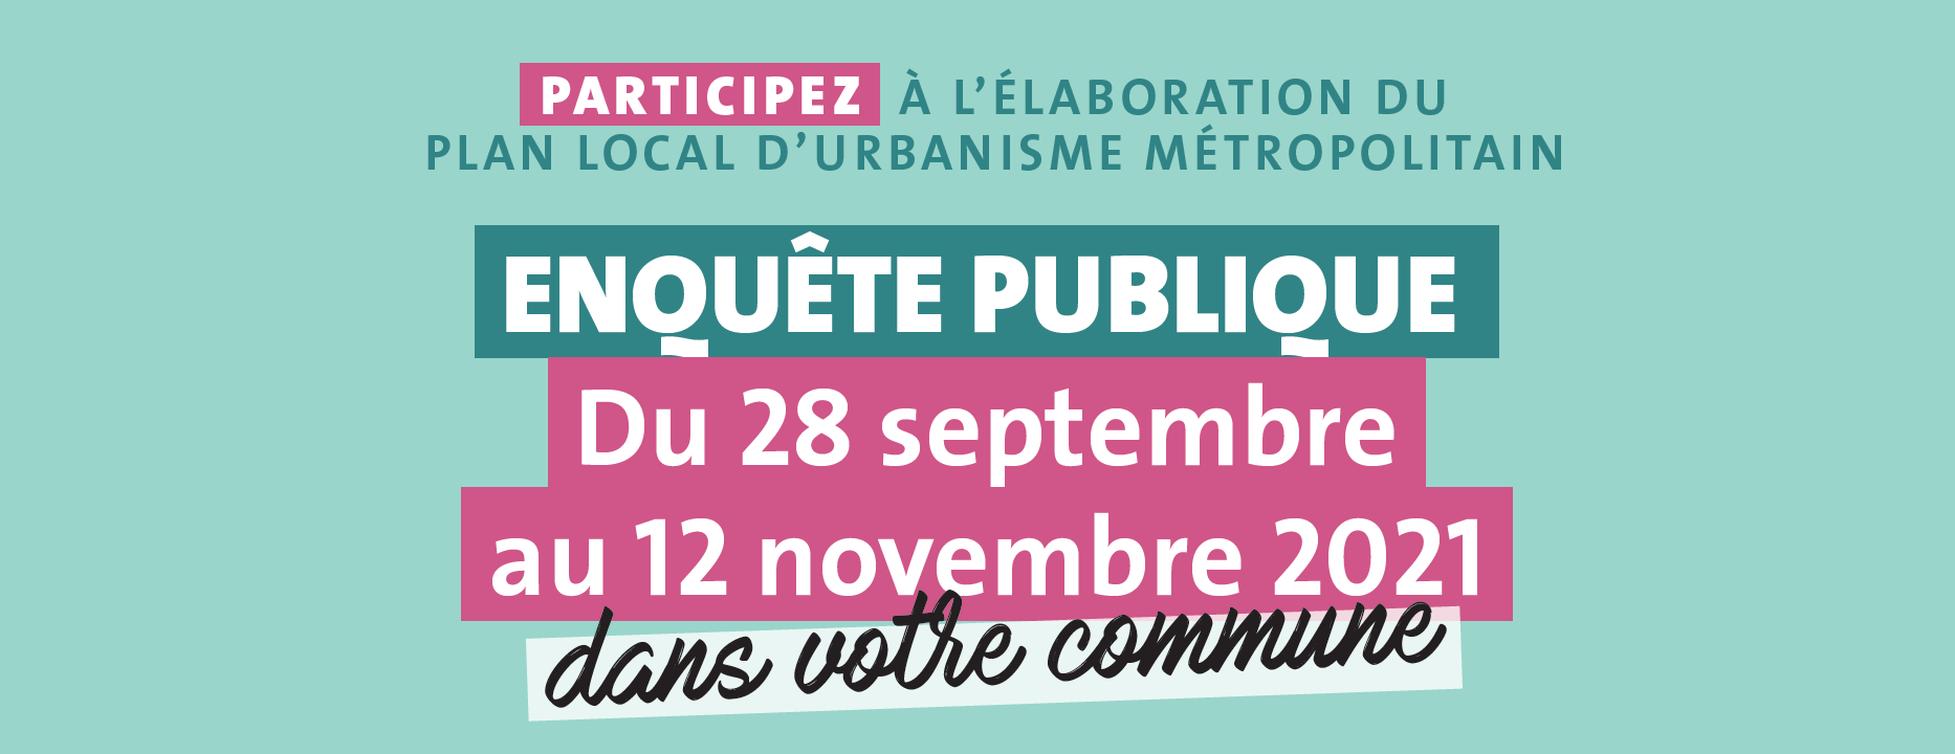 Enquête publique du Plan Local d'Urbanisme